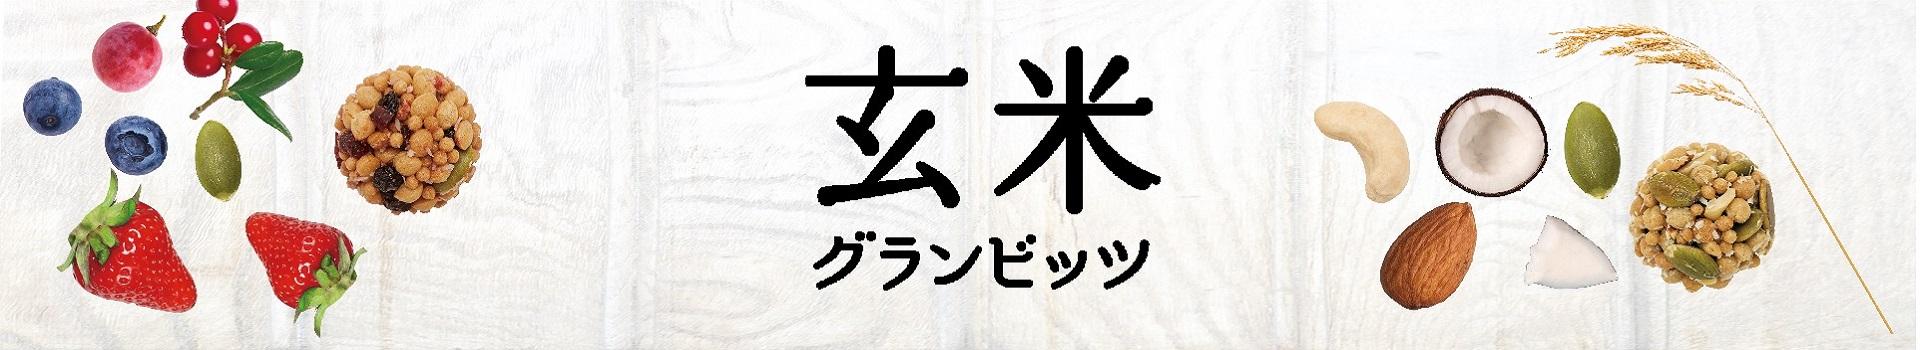 玄米グランビッツ